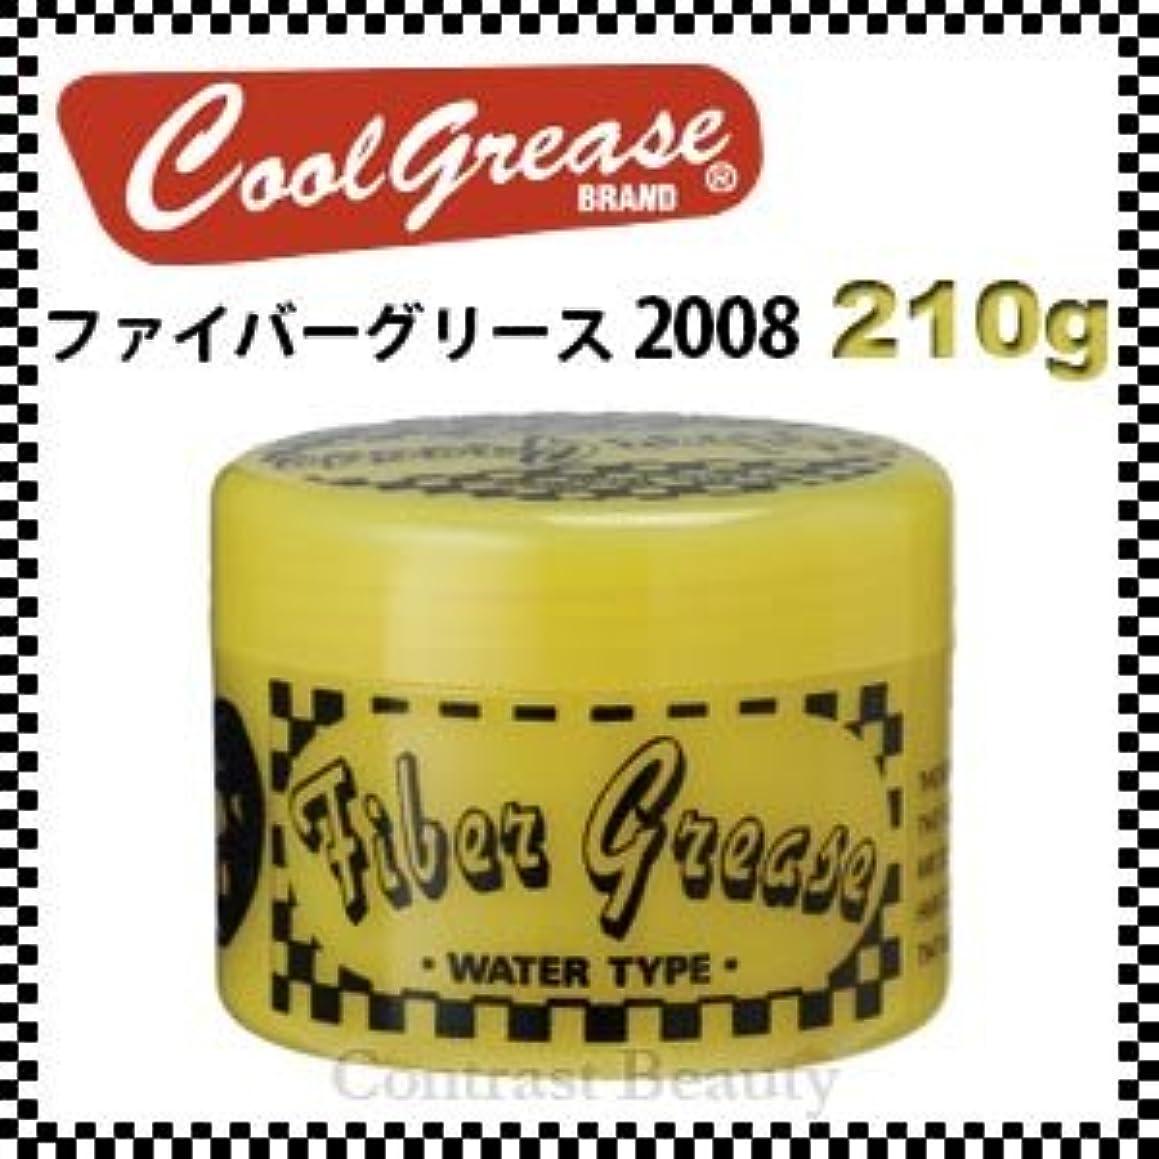 シャツモスネコ【X4個セット】 阪本高生堂 ファイバーグリース 2008 210g